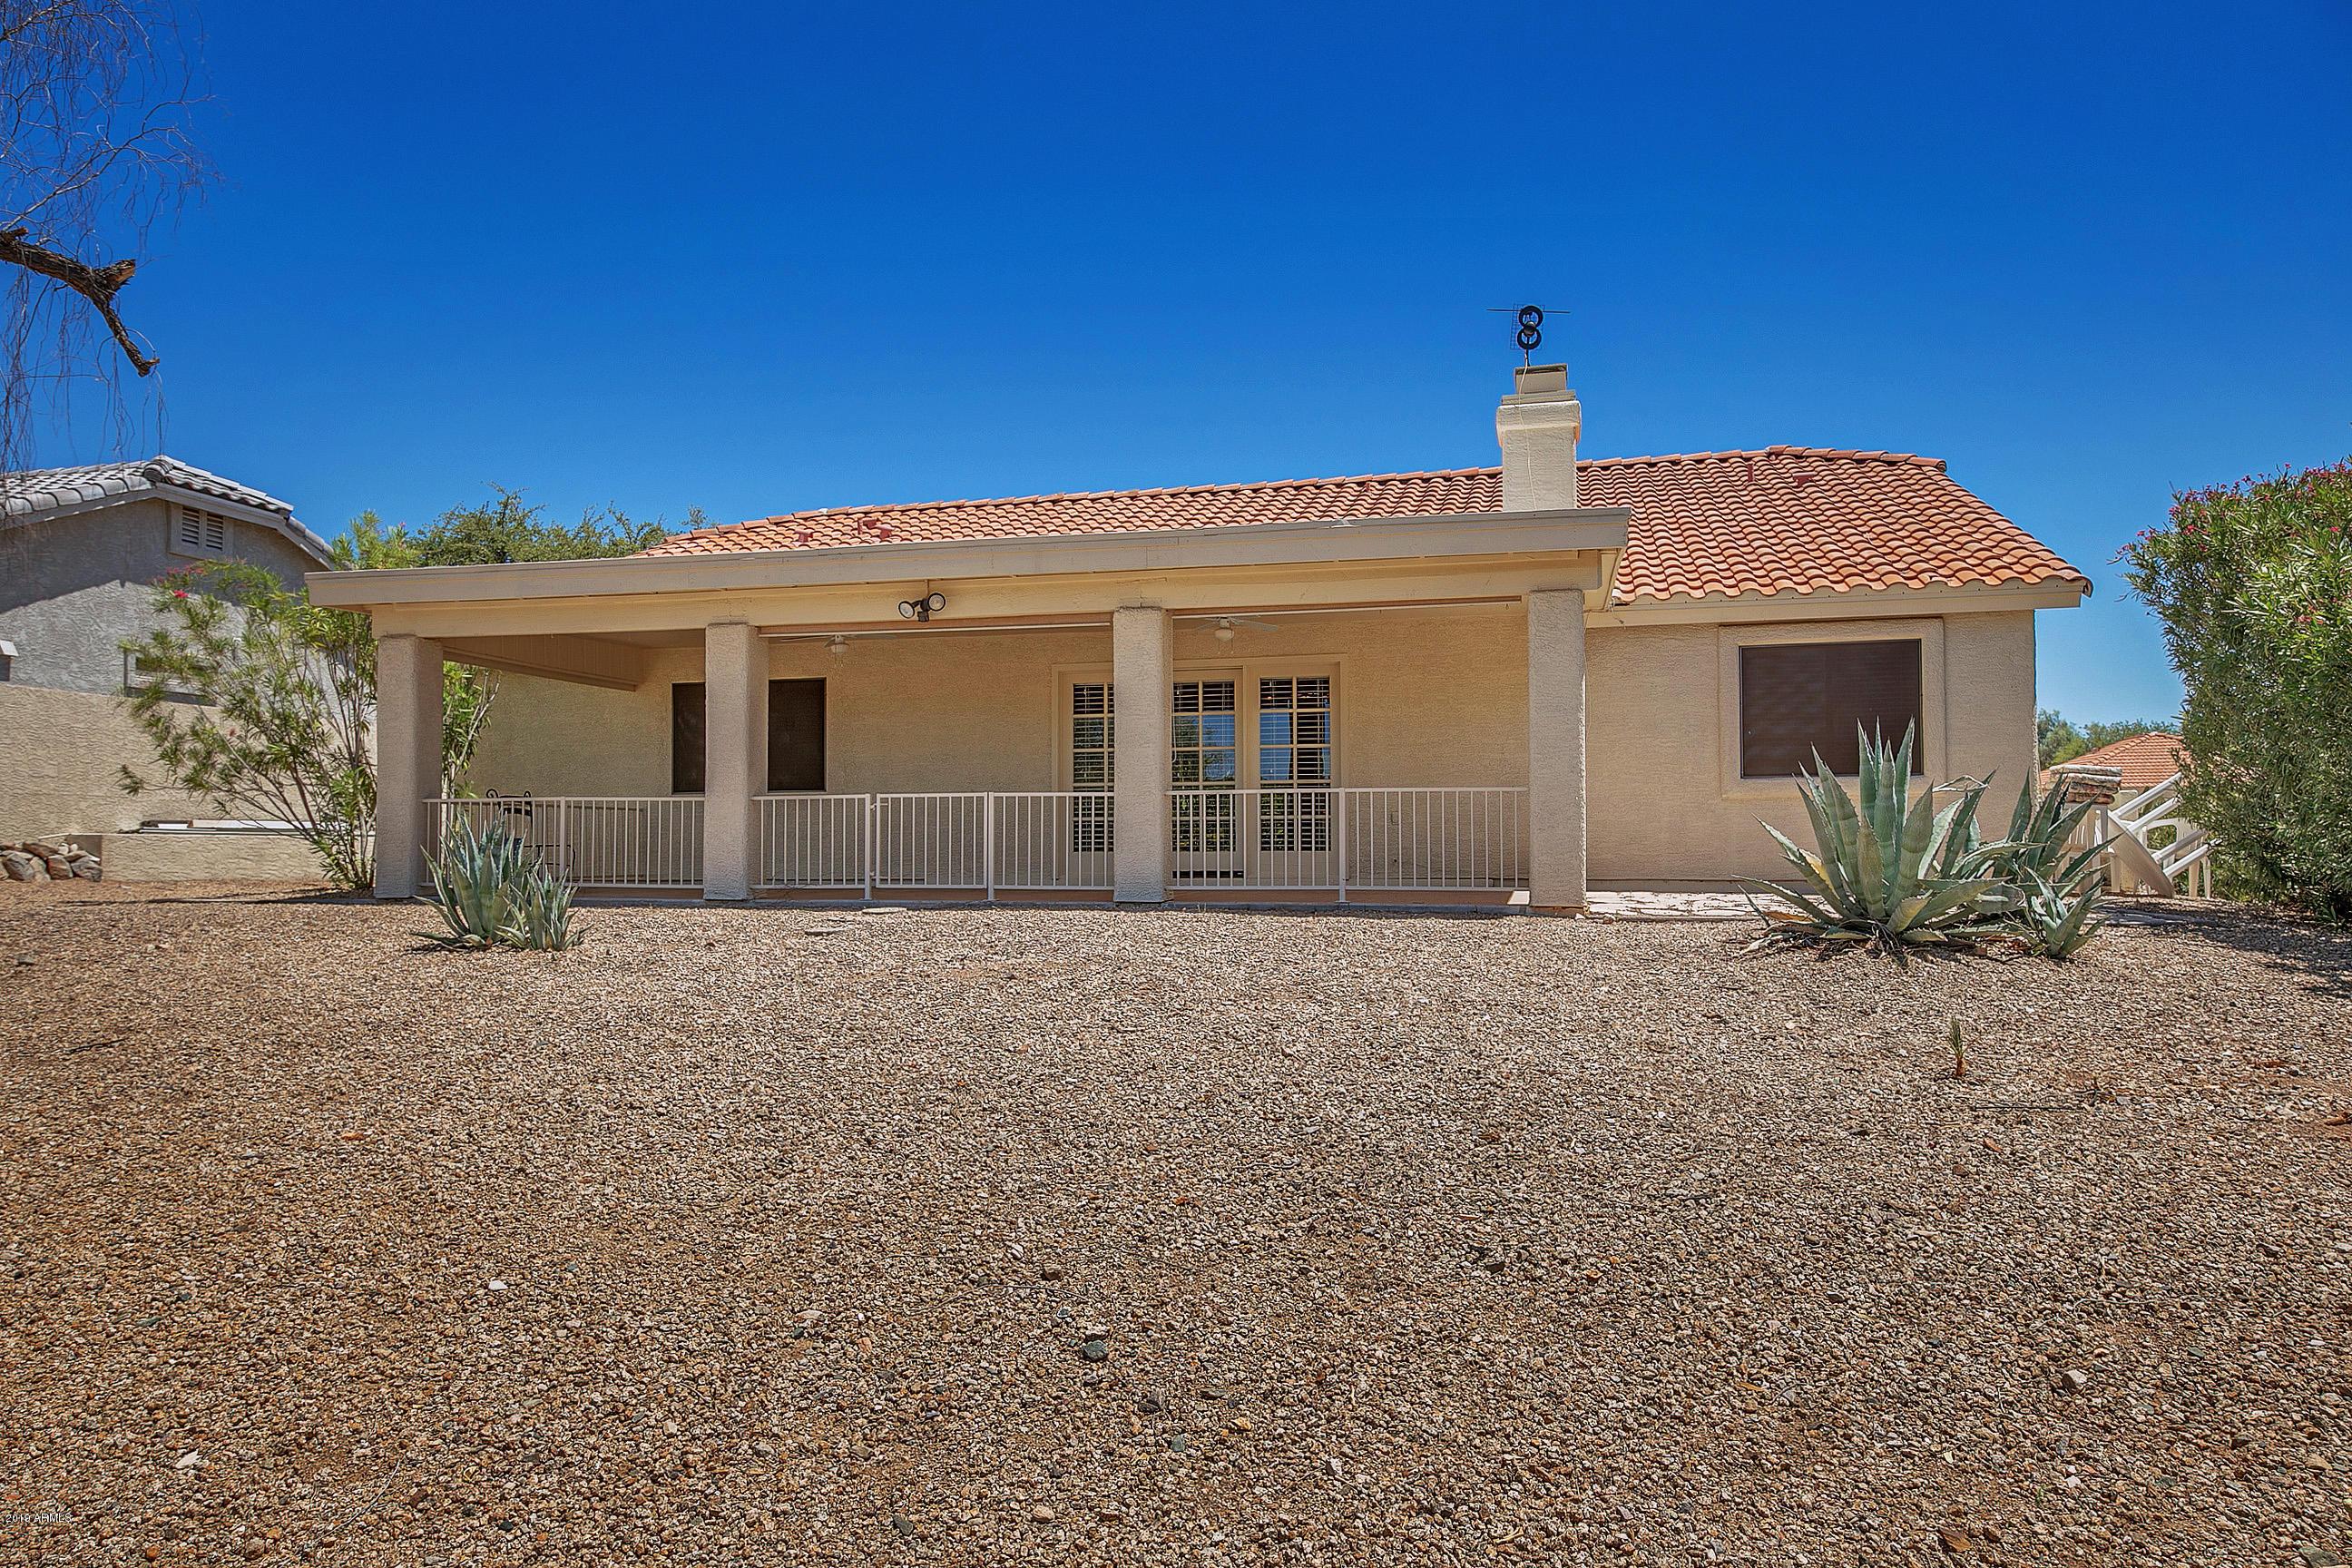 MLS 5949682 14410 N IBSEN Drive, Fountain Hills, AZ 85268 Fountain Hills AZ Affordable